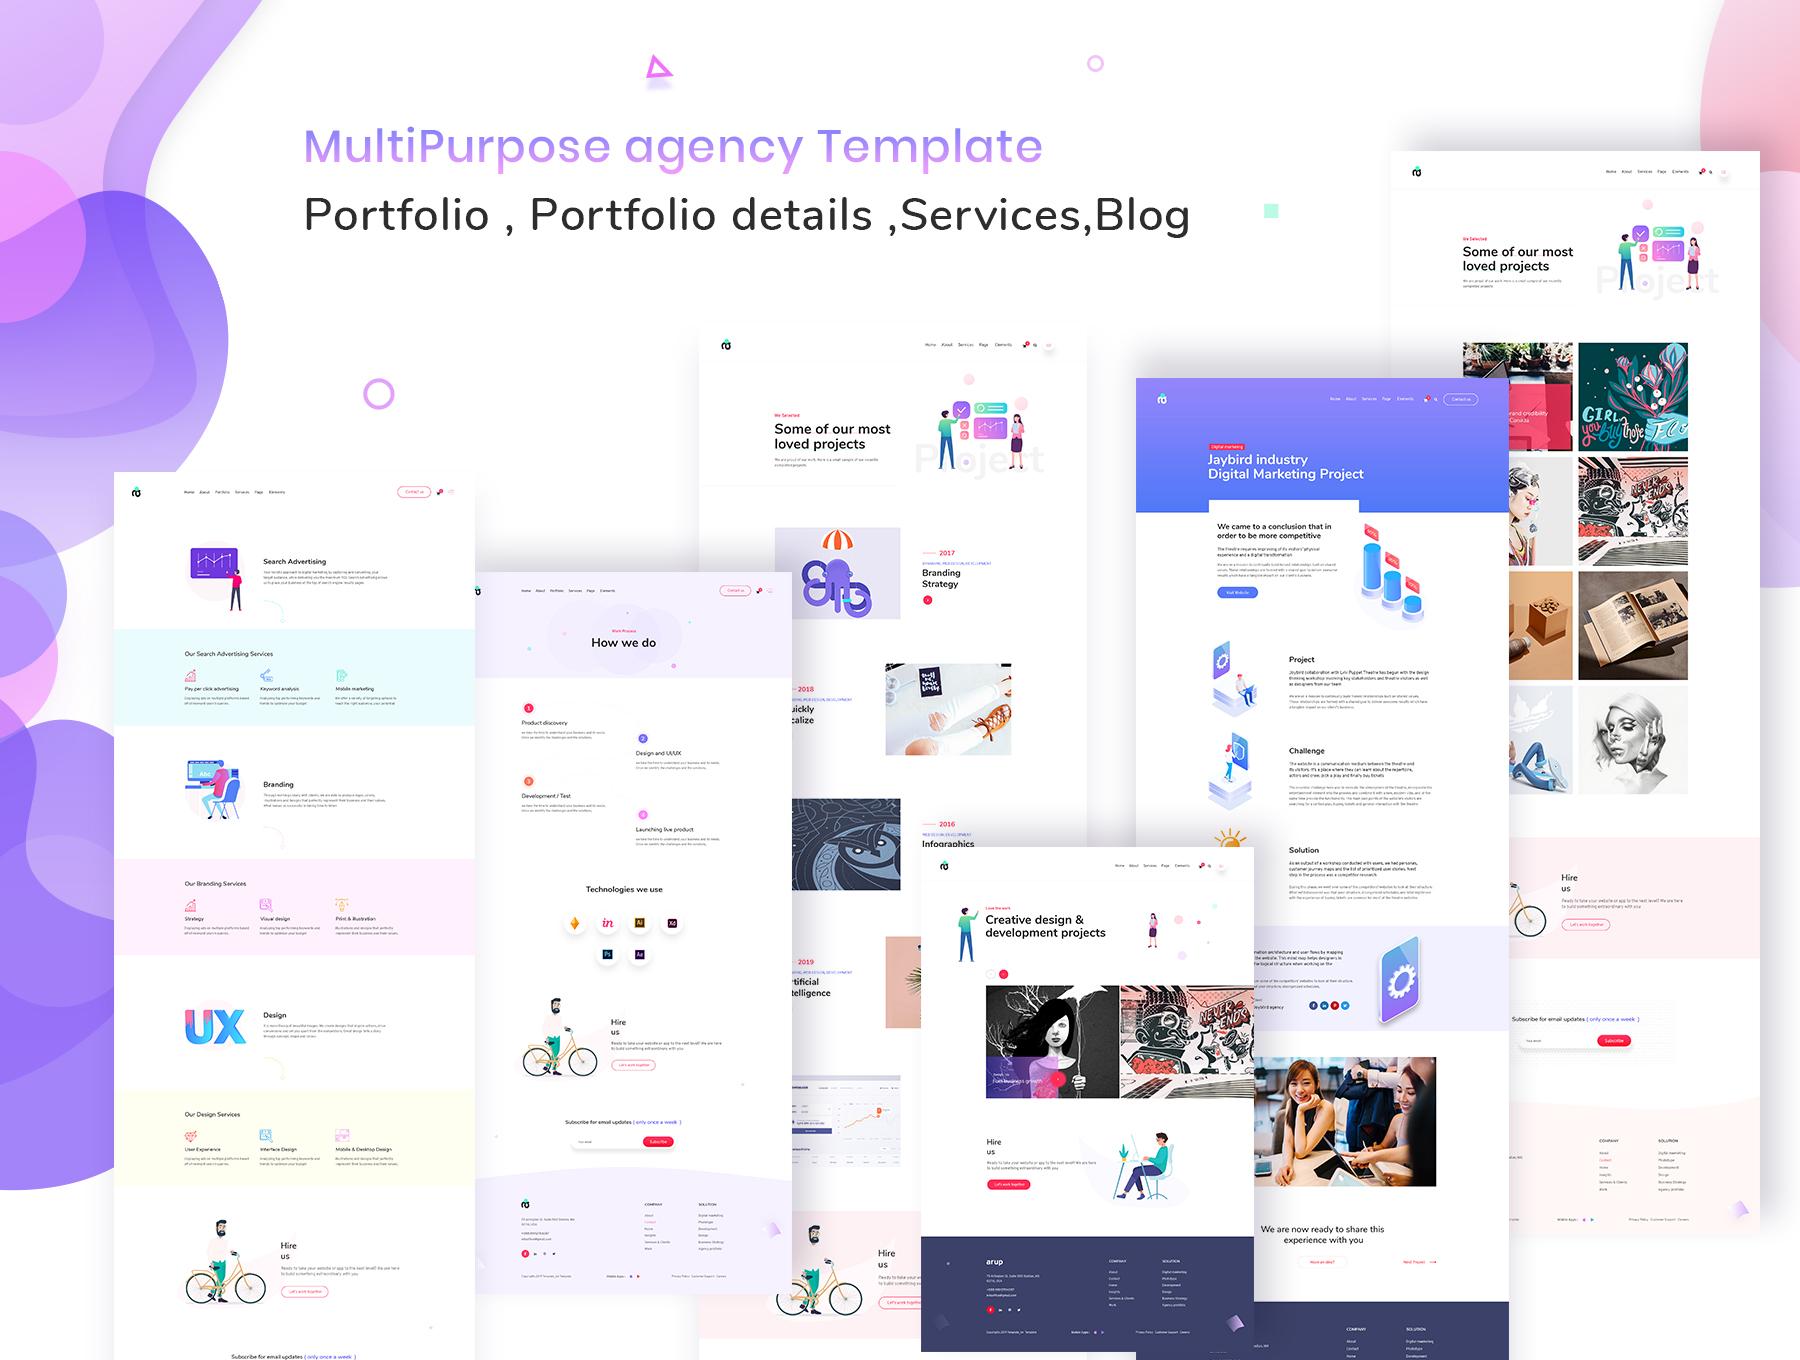 时尚创意的网页模板UI KIT ui设计师网站 ui界面 网页ui[XD,PSD] Arup - Creative Multipurpose Template